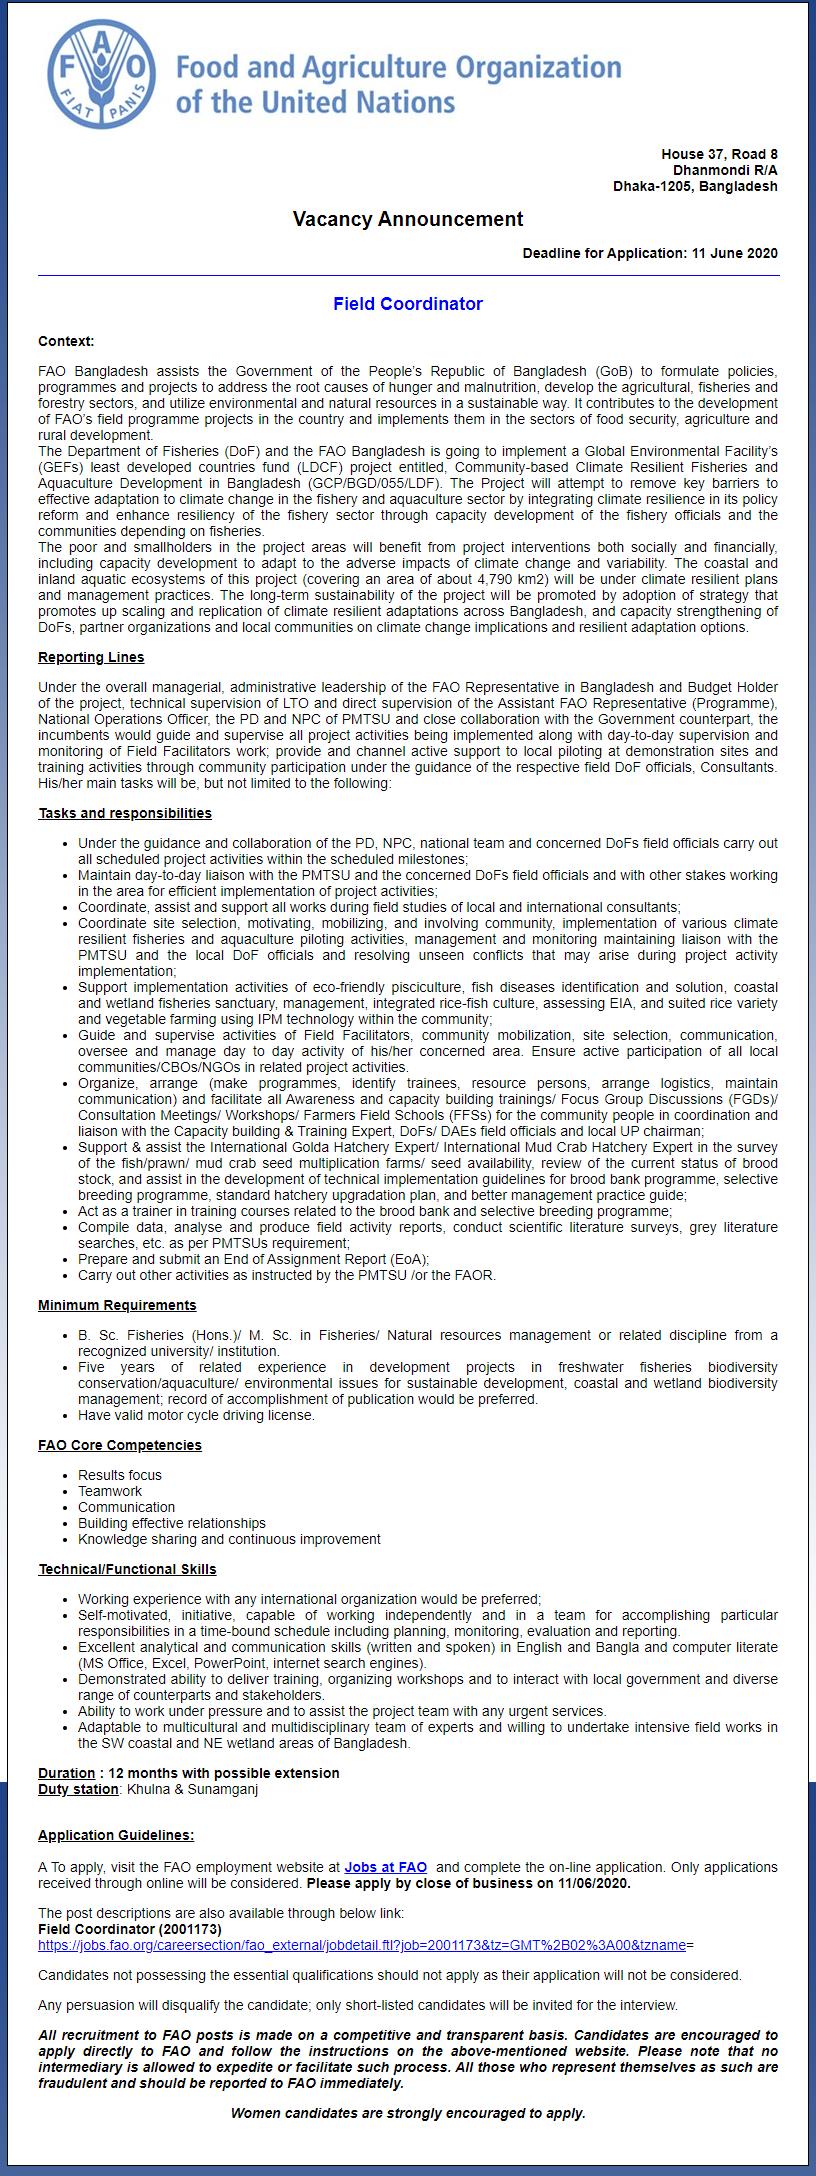 Food and Agriculture Organization (FAO) Job Circular 2020